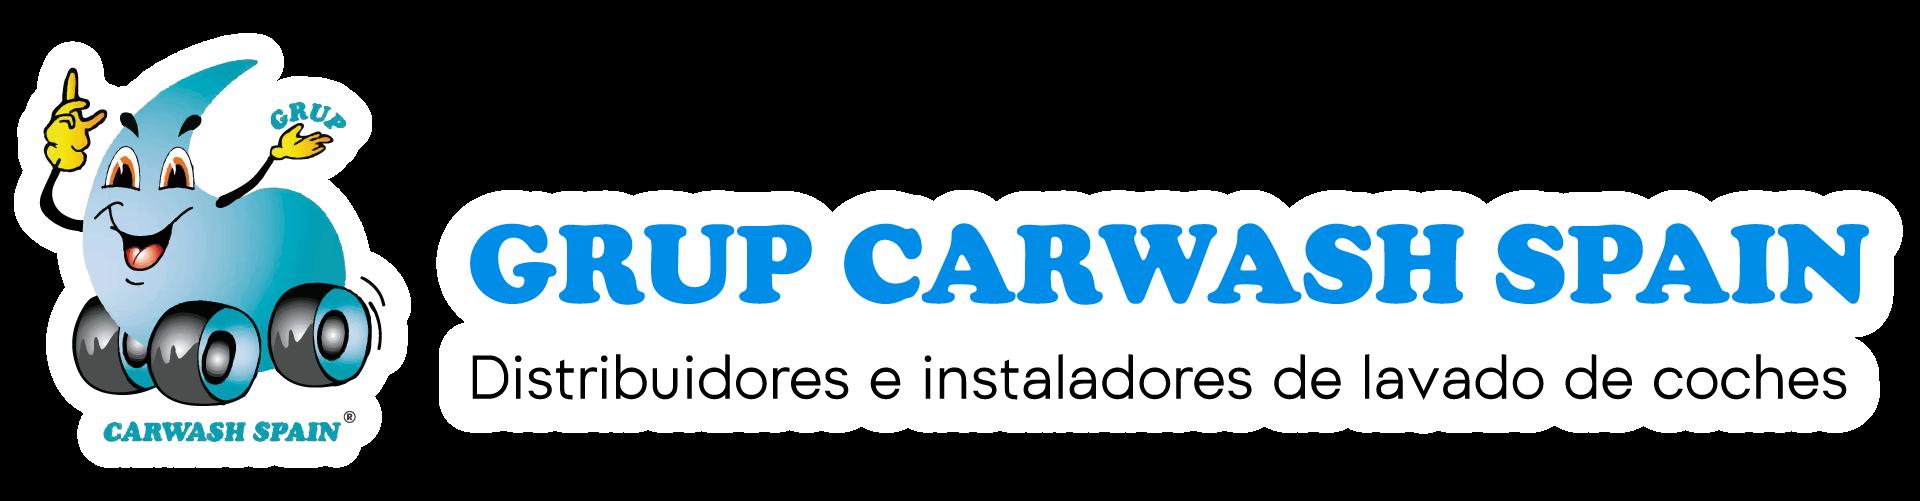 carwash spain